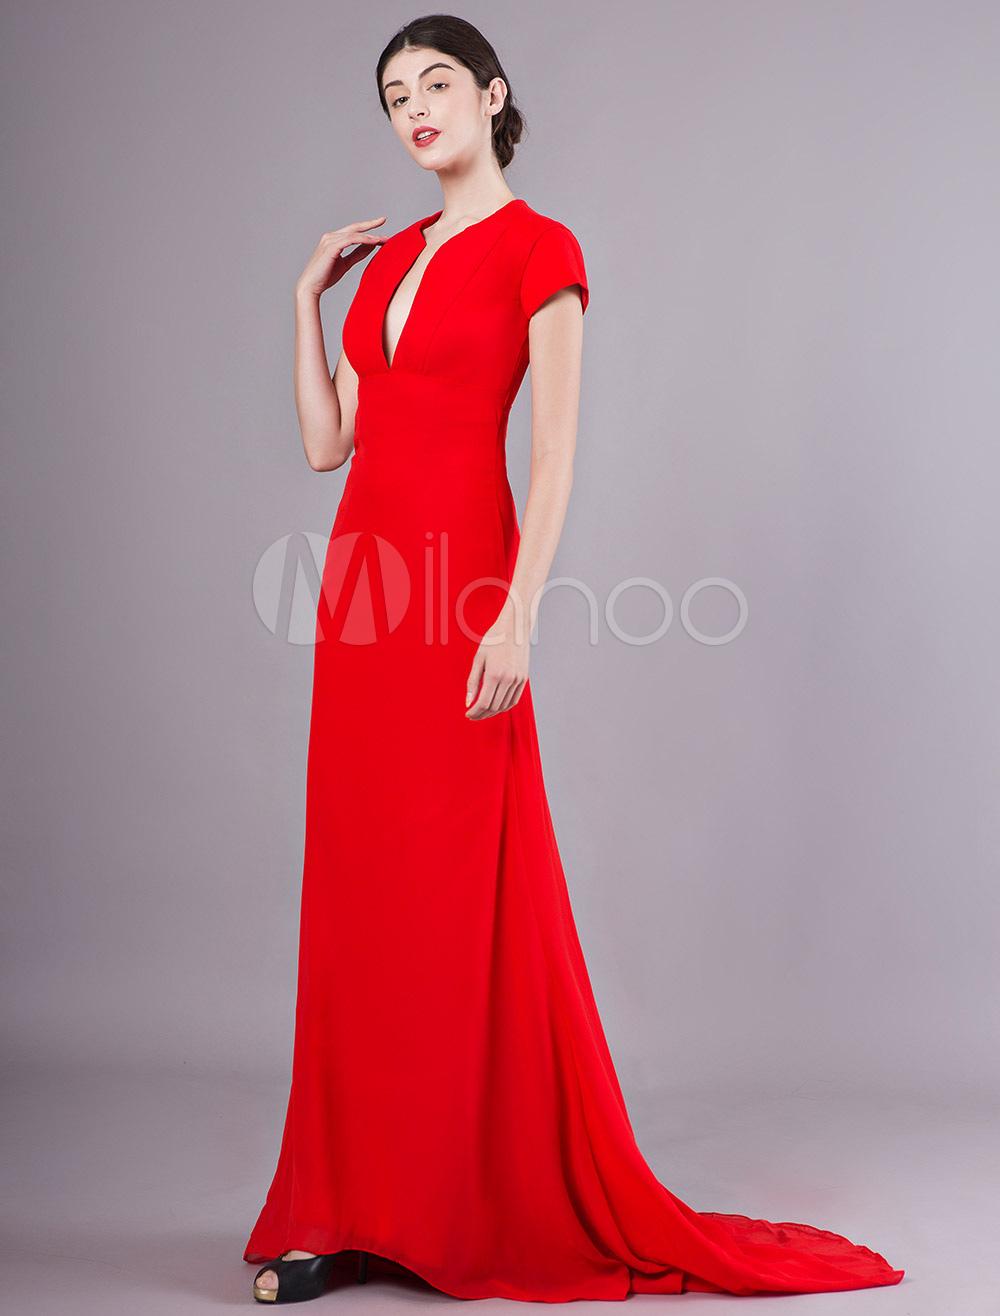 abendkleider v-ausschnitt hochzeit kurzarm günstige abendkleider rot  formelle kleider chiffon etui- mit reißverschluss und court-schleppe 30cm